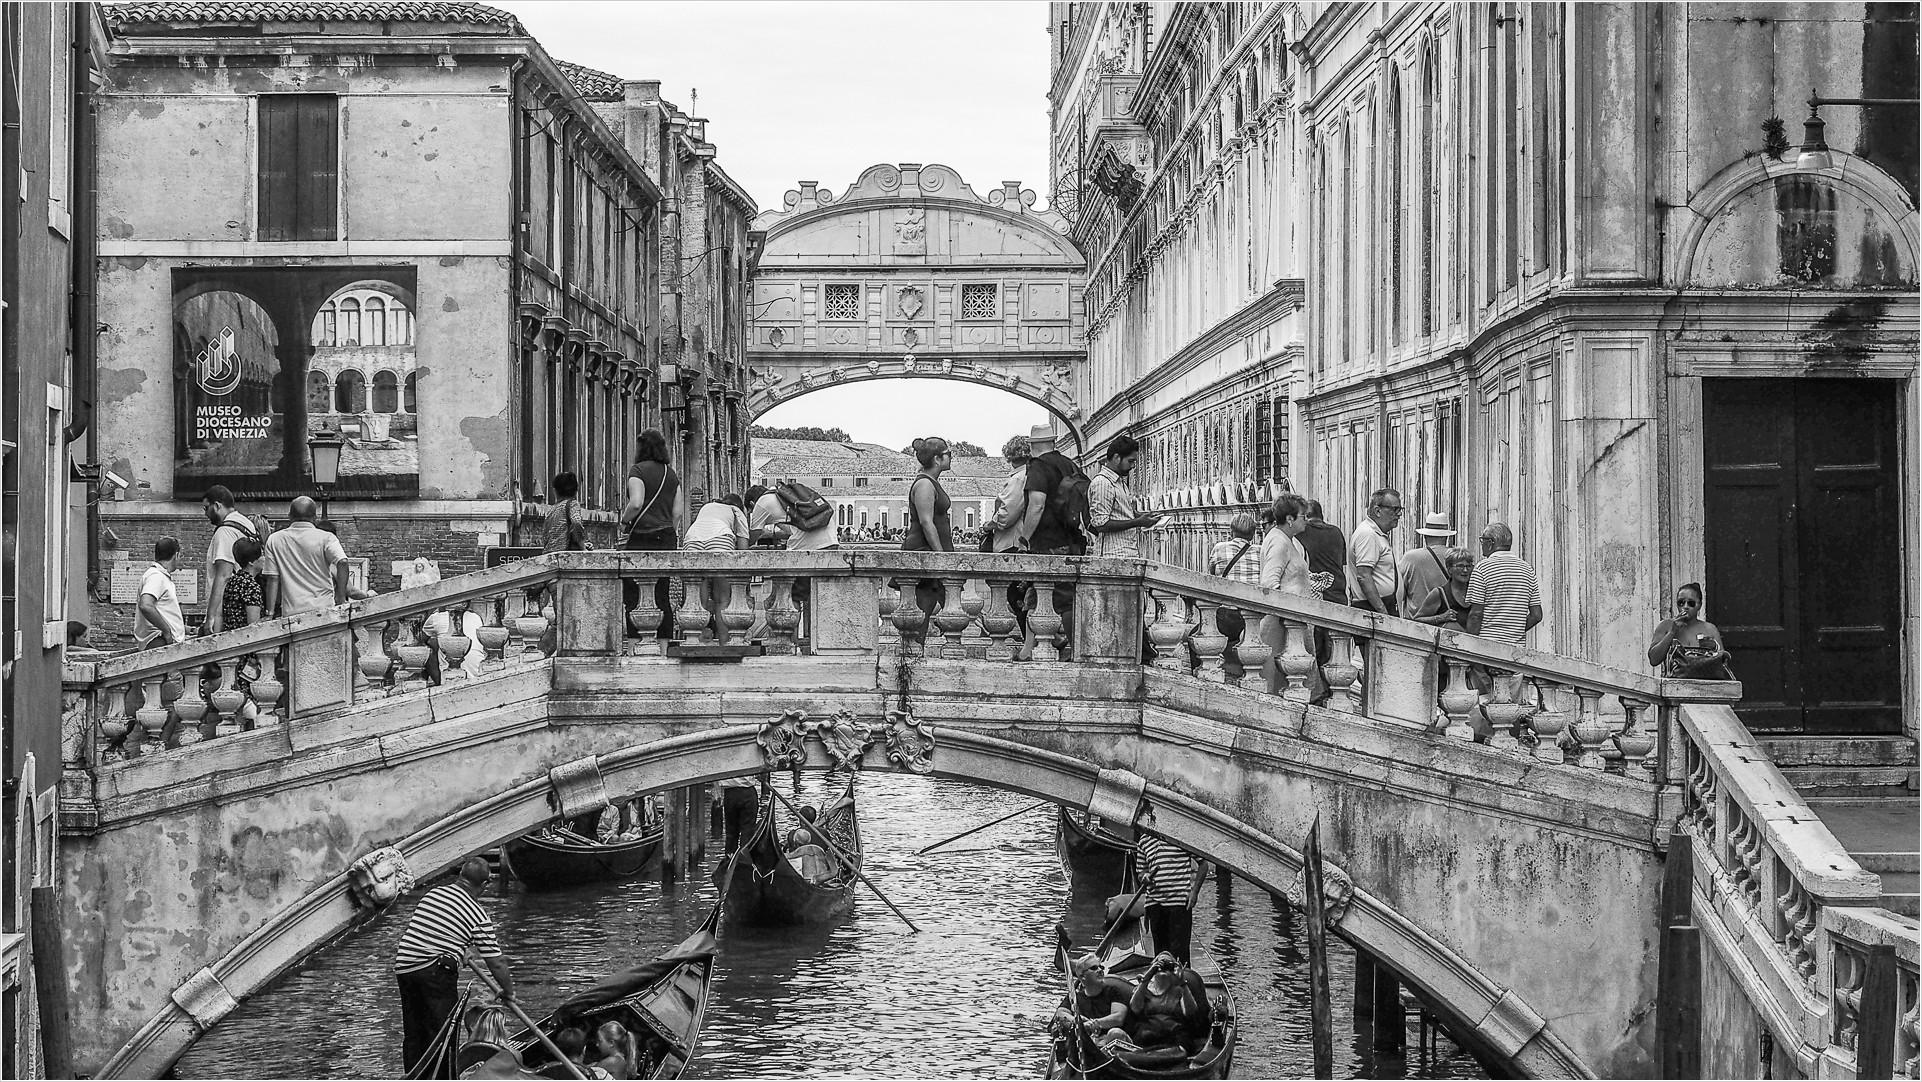 Brücke in Venedig, im Hintergrund die Seufzerbrücke